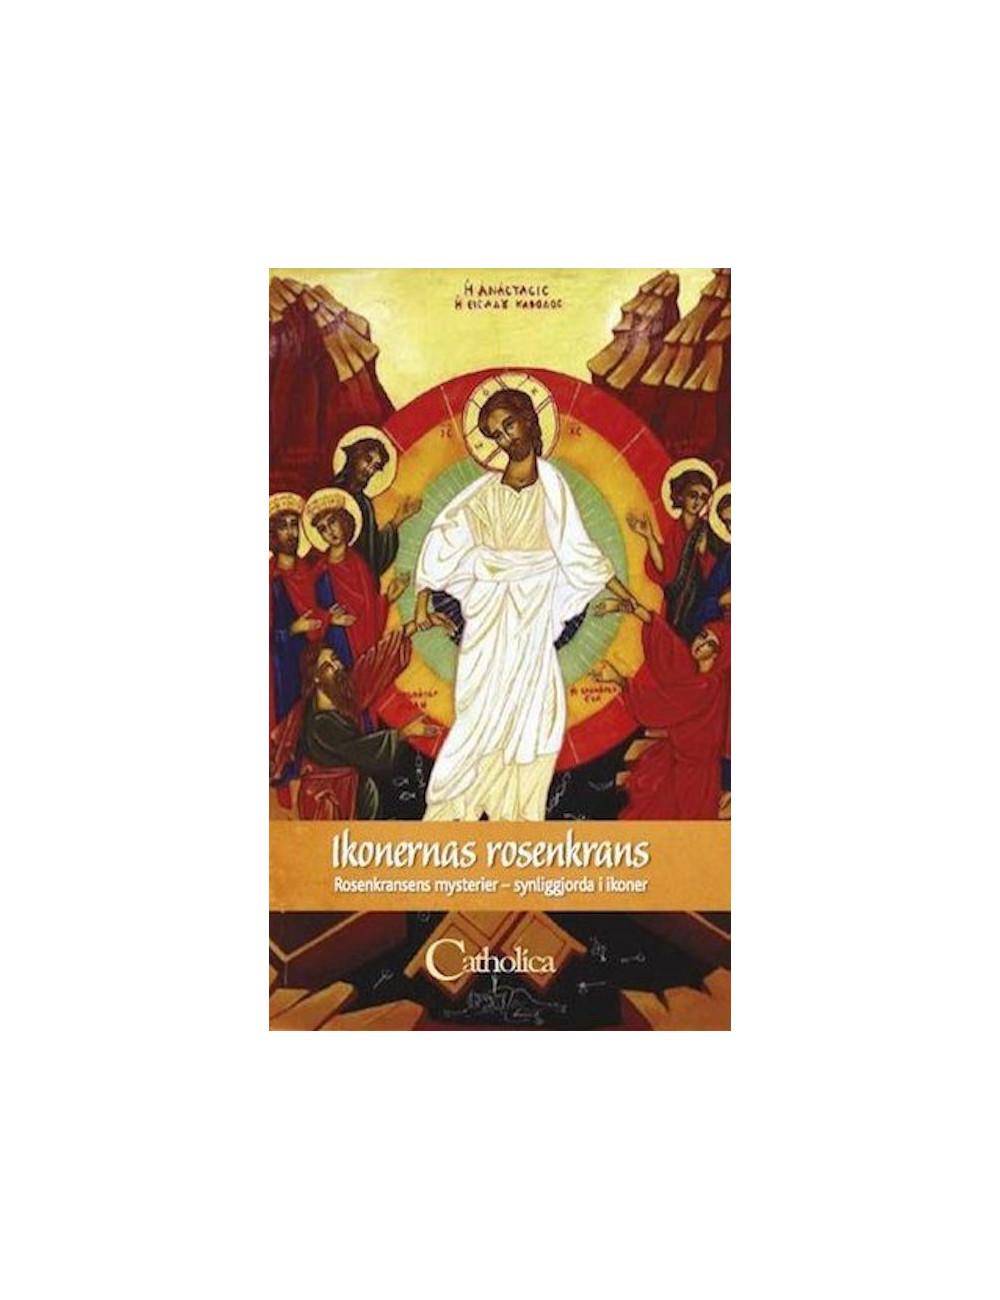 Ikonernas rosenkrans – Rosenkransens mysterier, synliggjorda i ikoner